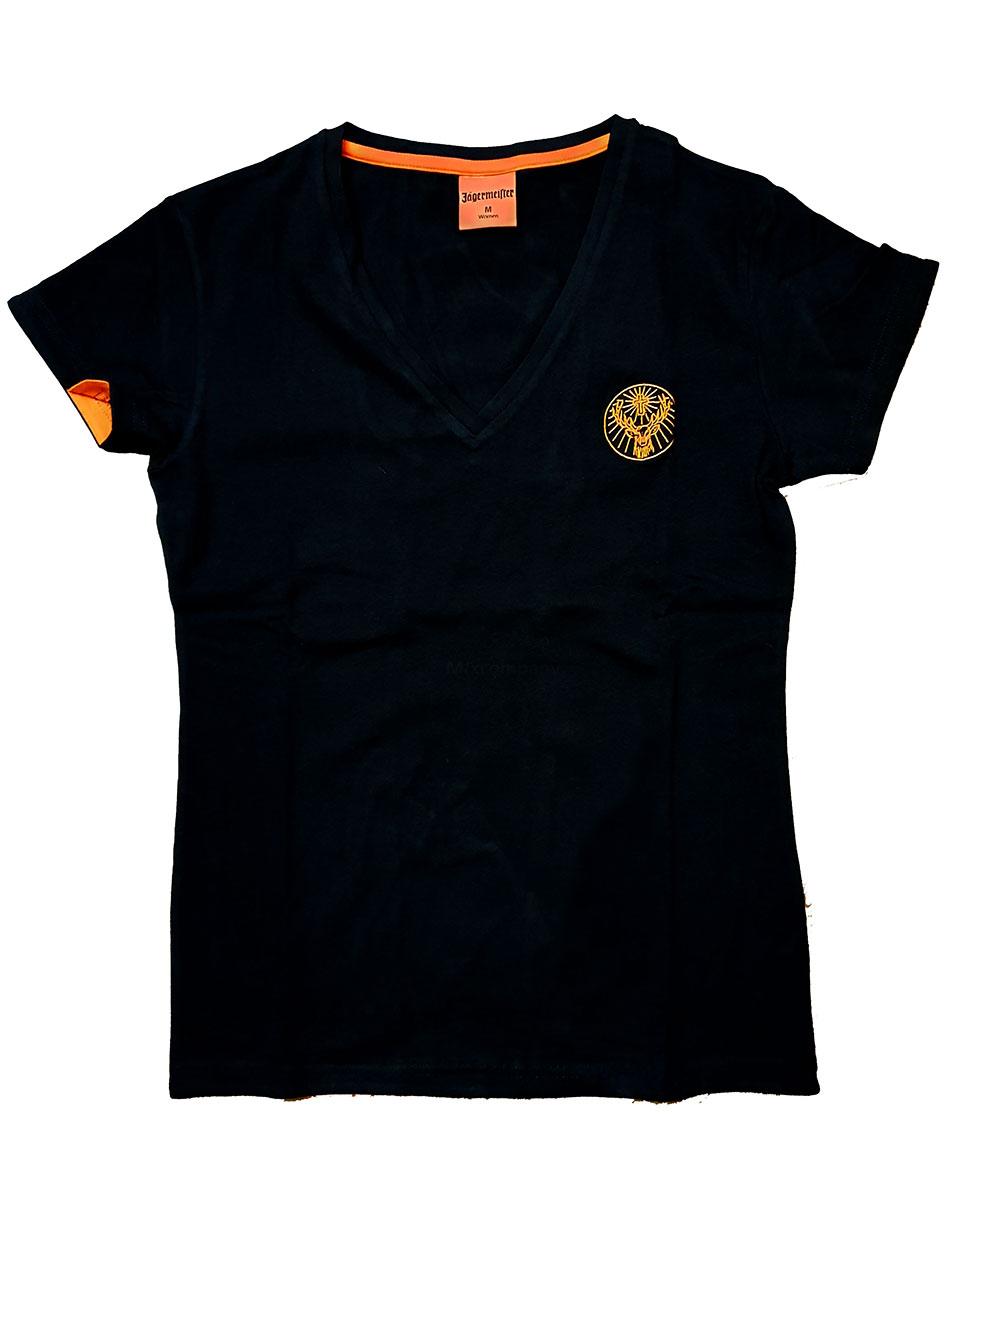 Jägermeister Damen Tshirt in schwarz mit V Ausschnitt in M